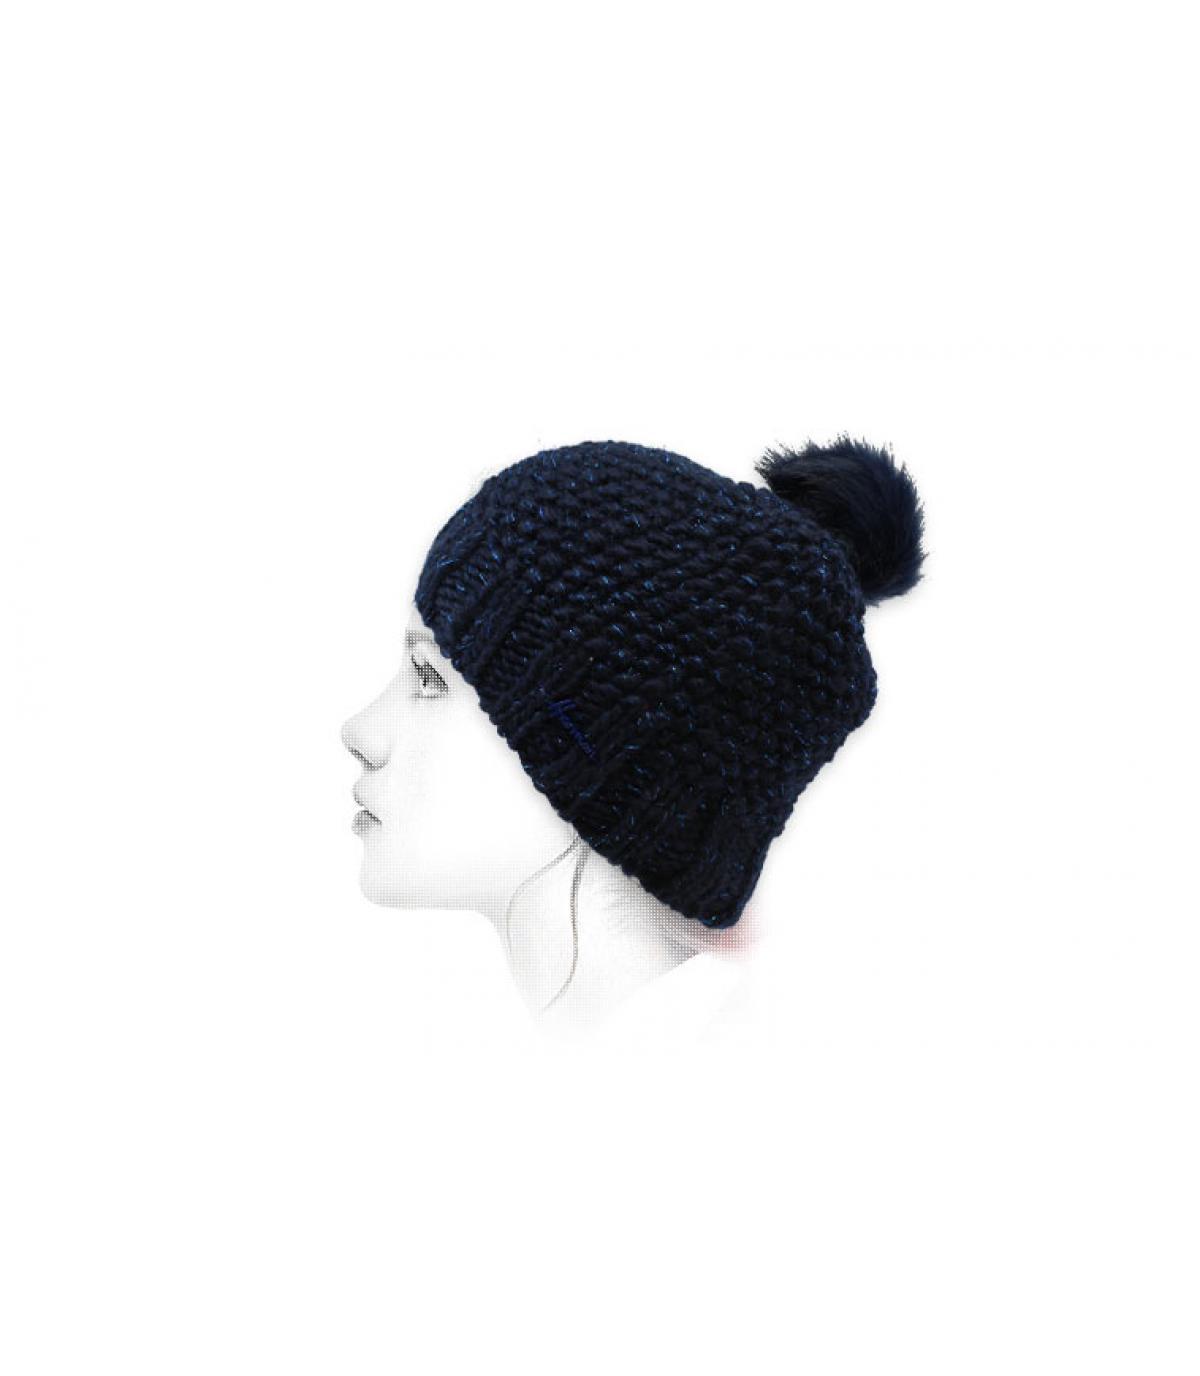 blauwe lurex pompon hoed